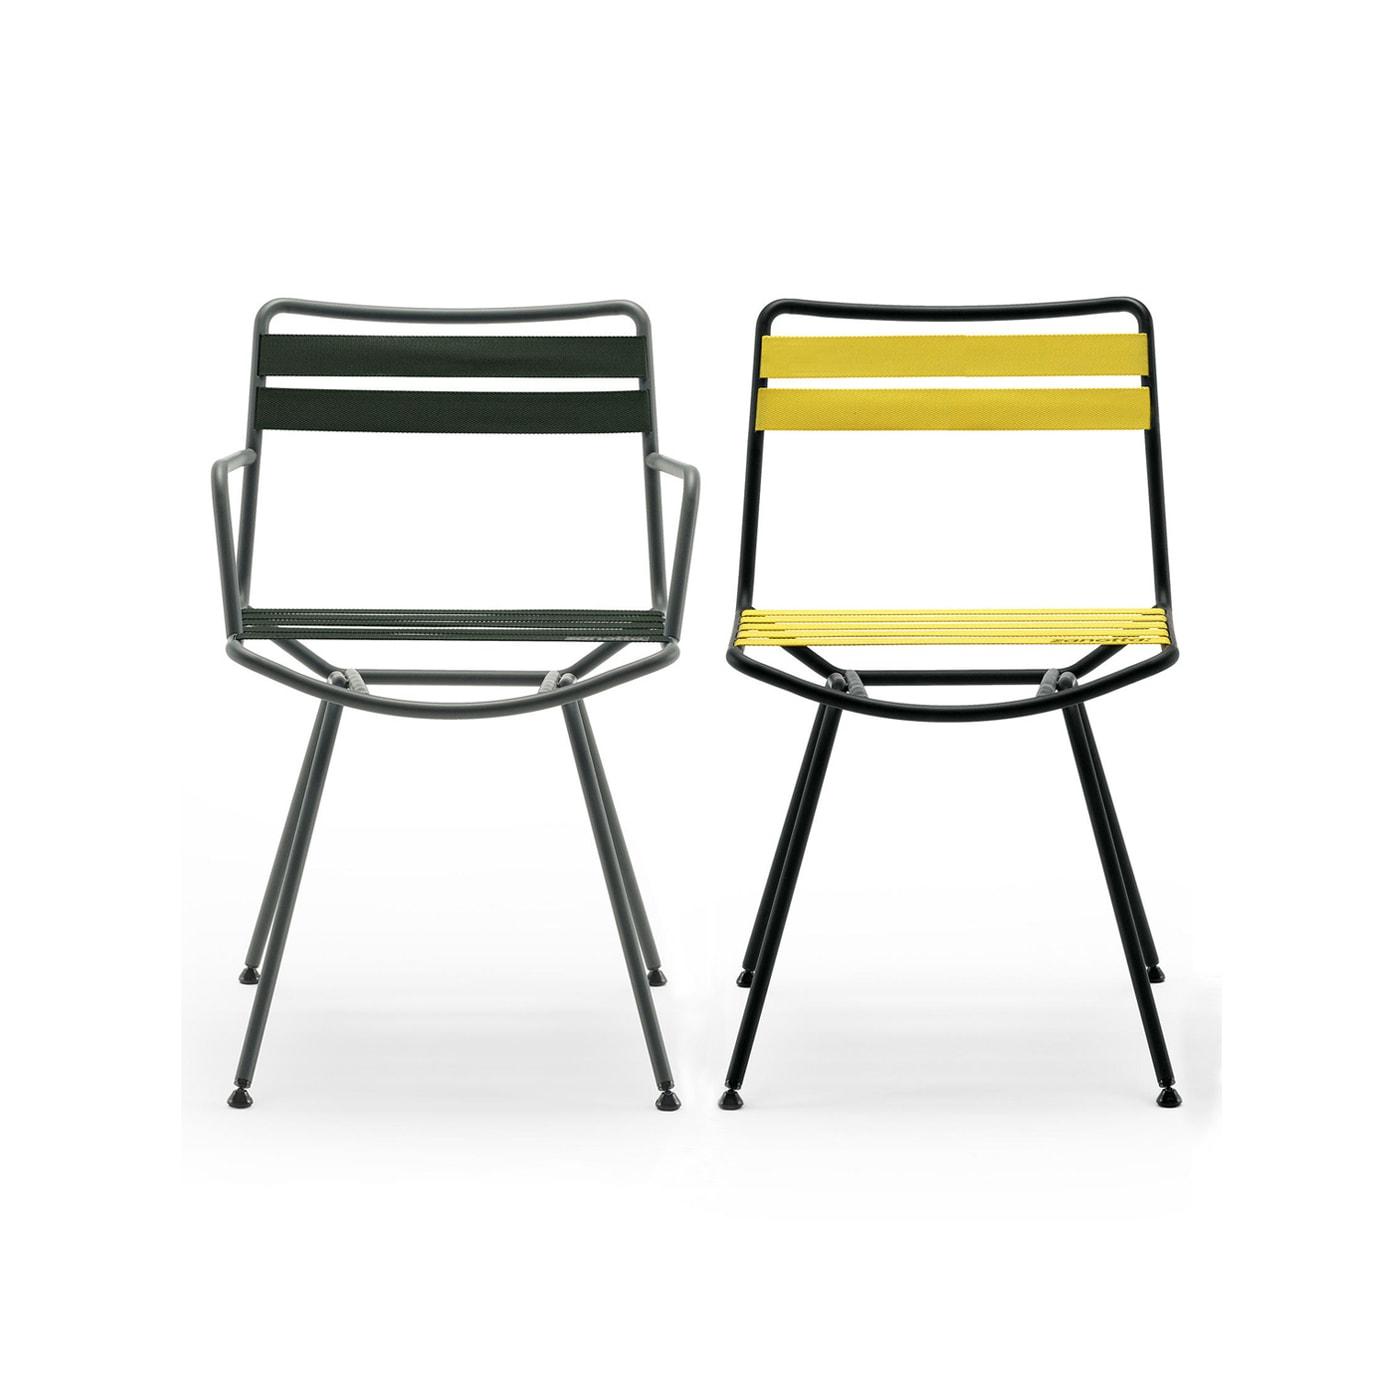 Zanotta Dan sedia con cinghie elastiche - vendita online